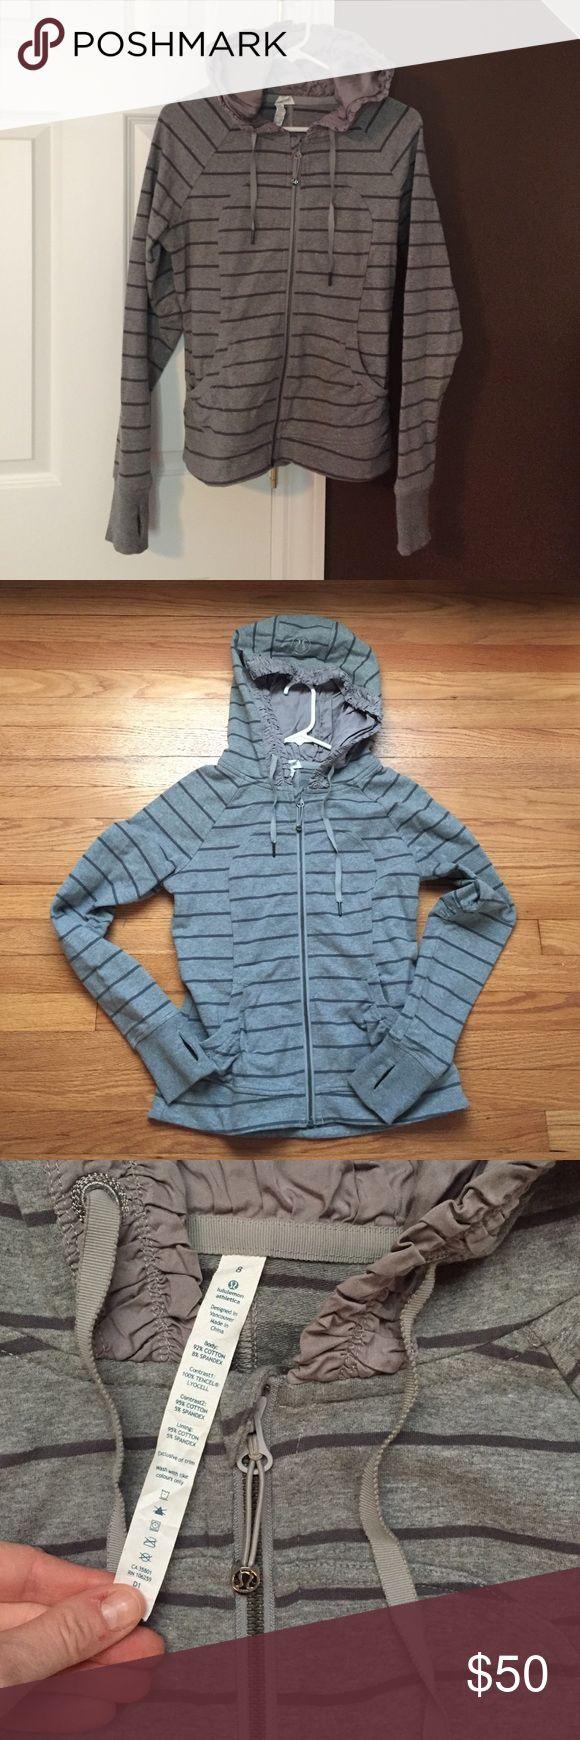 Lululemon hoodie, great condition! Lulu hoodie! Rip tag, thumb holes, cute ruffle hood! No flaws, great condition! lululemon athletica Tops Sweatshirts & Hoodies